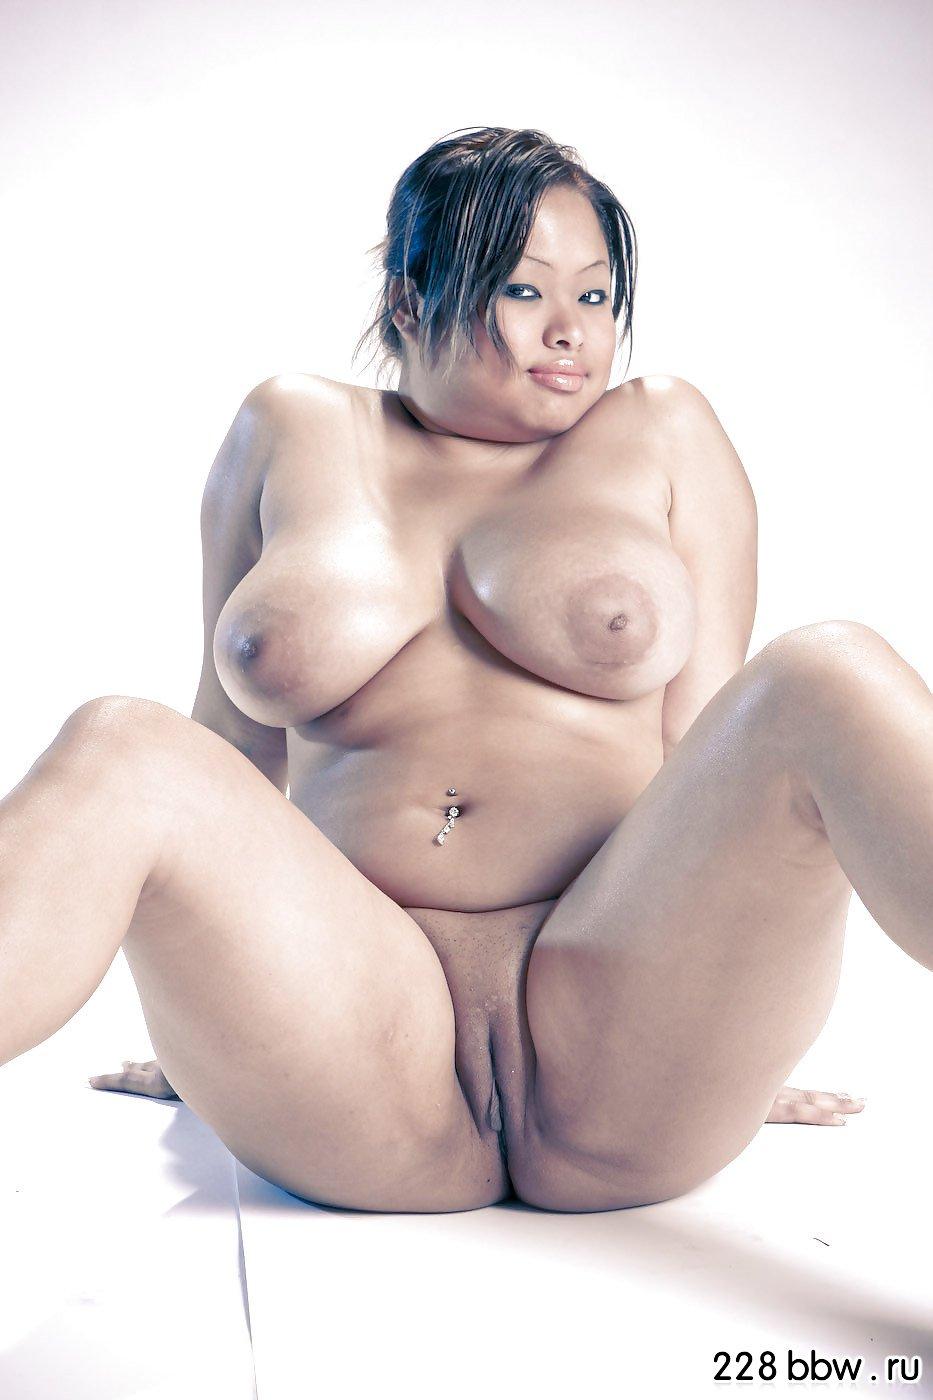 Фото голые пышные пухлые девушки 15 фотография